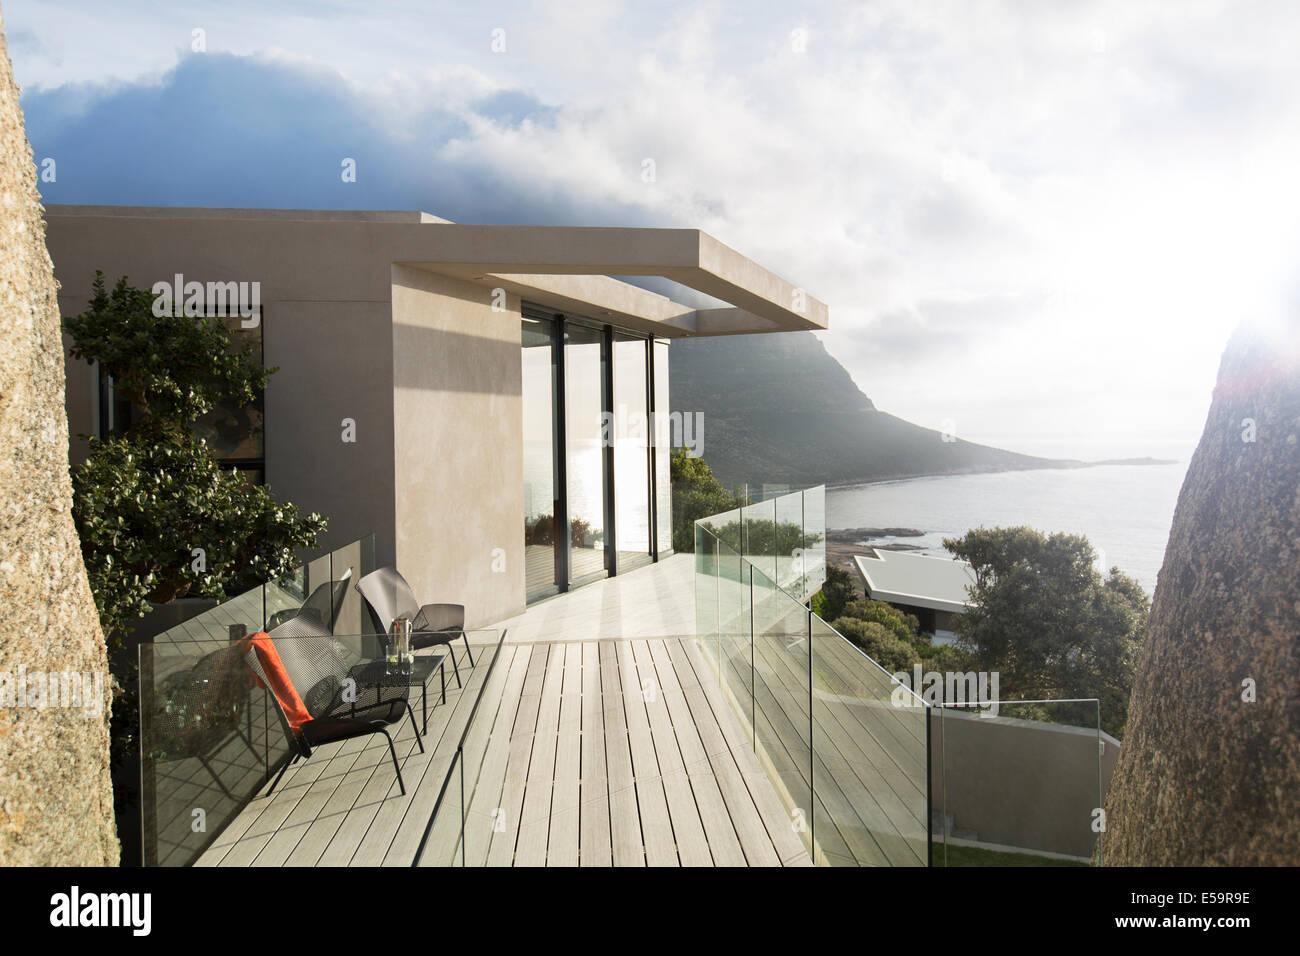 Balcon en bois de maison moderne Banque D'Images